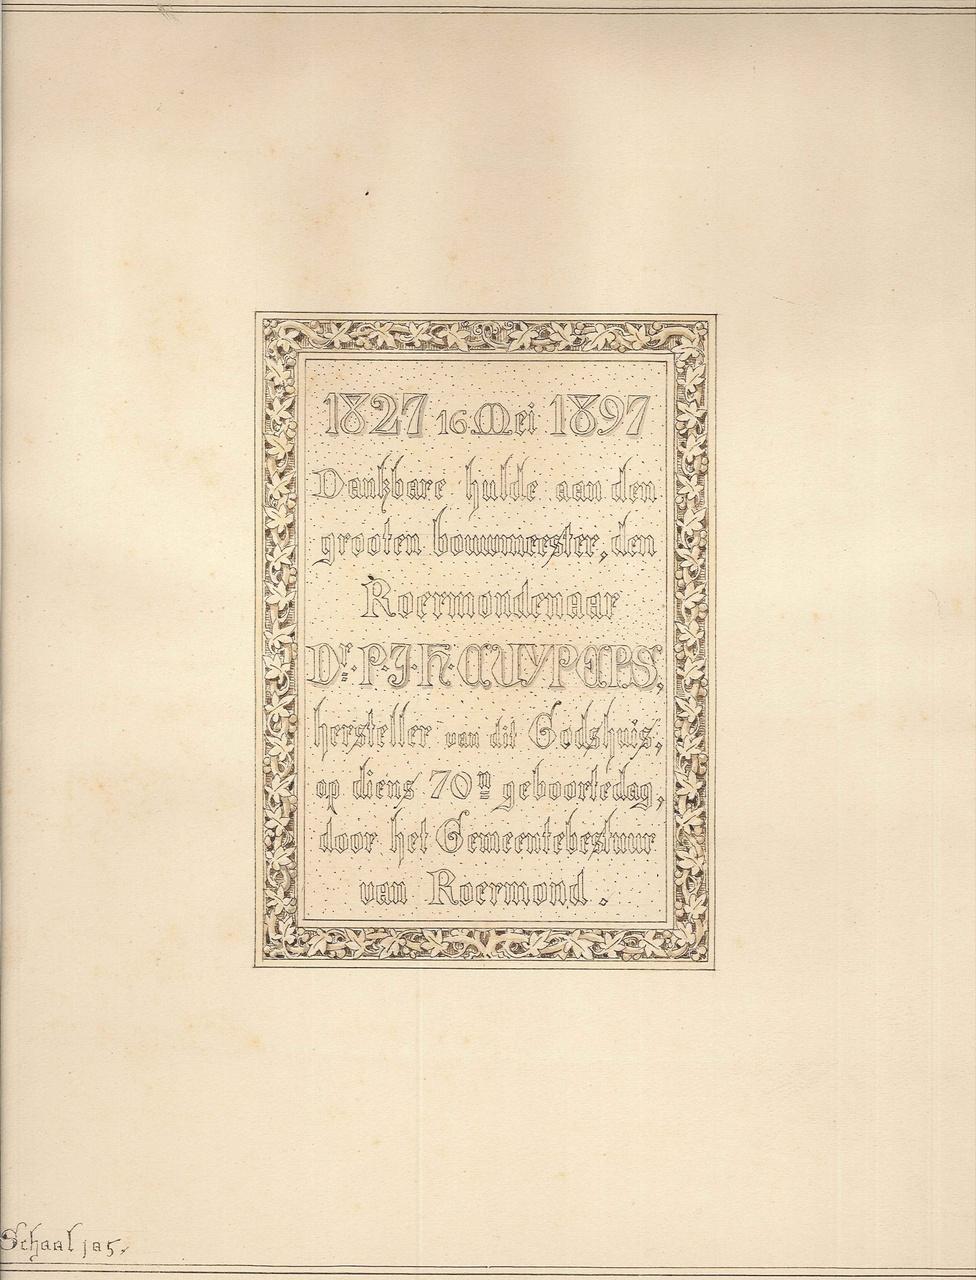 Ontwerptekening gedenksteen 70e verjaardag P.J.H. Cuypers voor de Munsterkerk Roermond